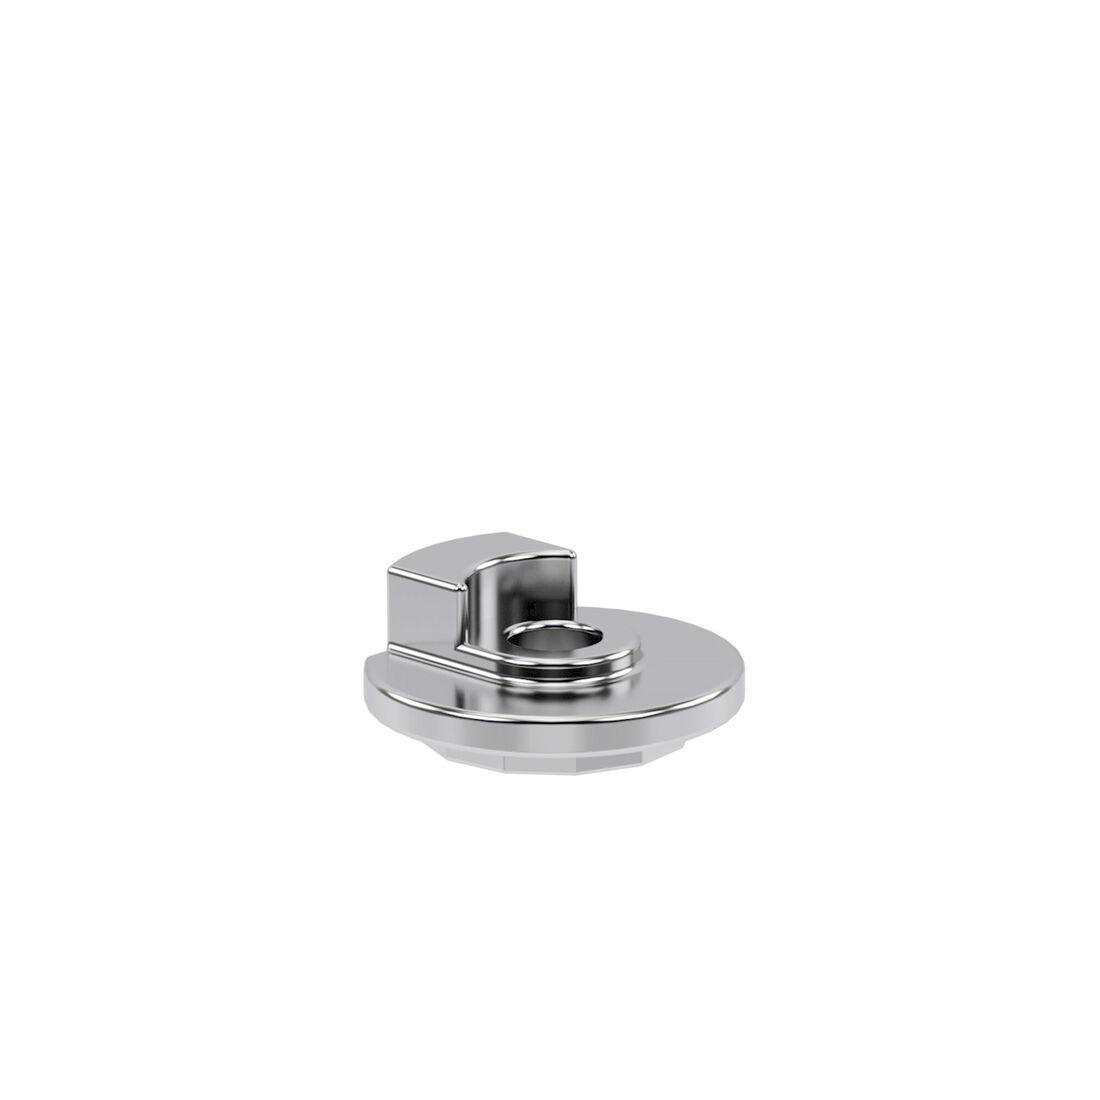 CYBEX Abstandshalter für Schnellspannachsen  2,5 mm in Silver - 2.5mm large Bild 1